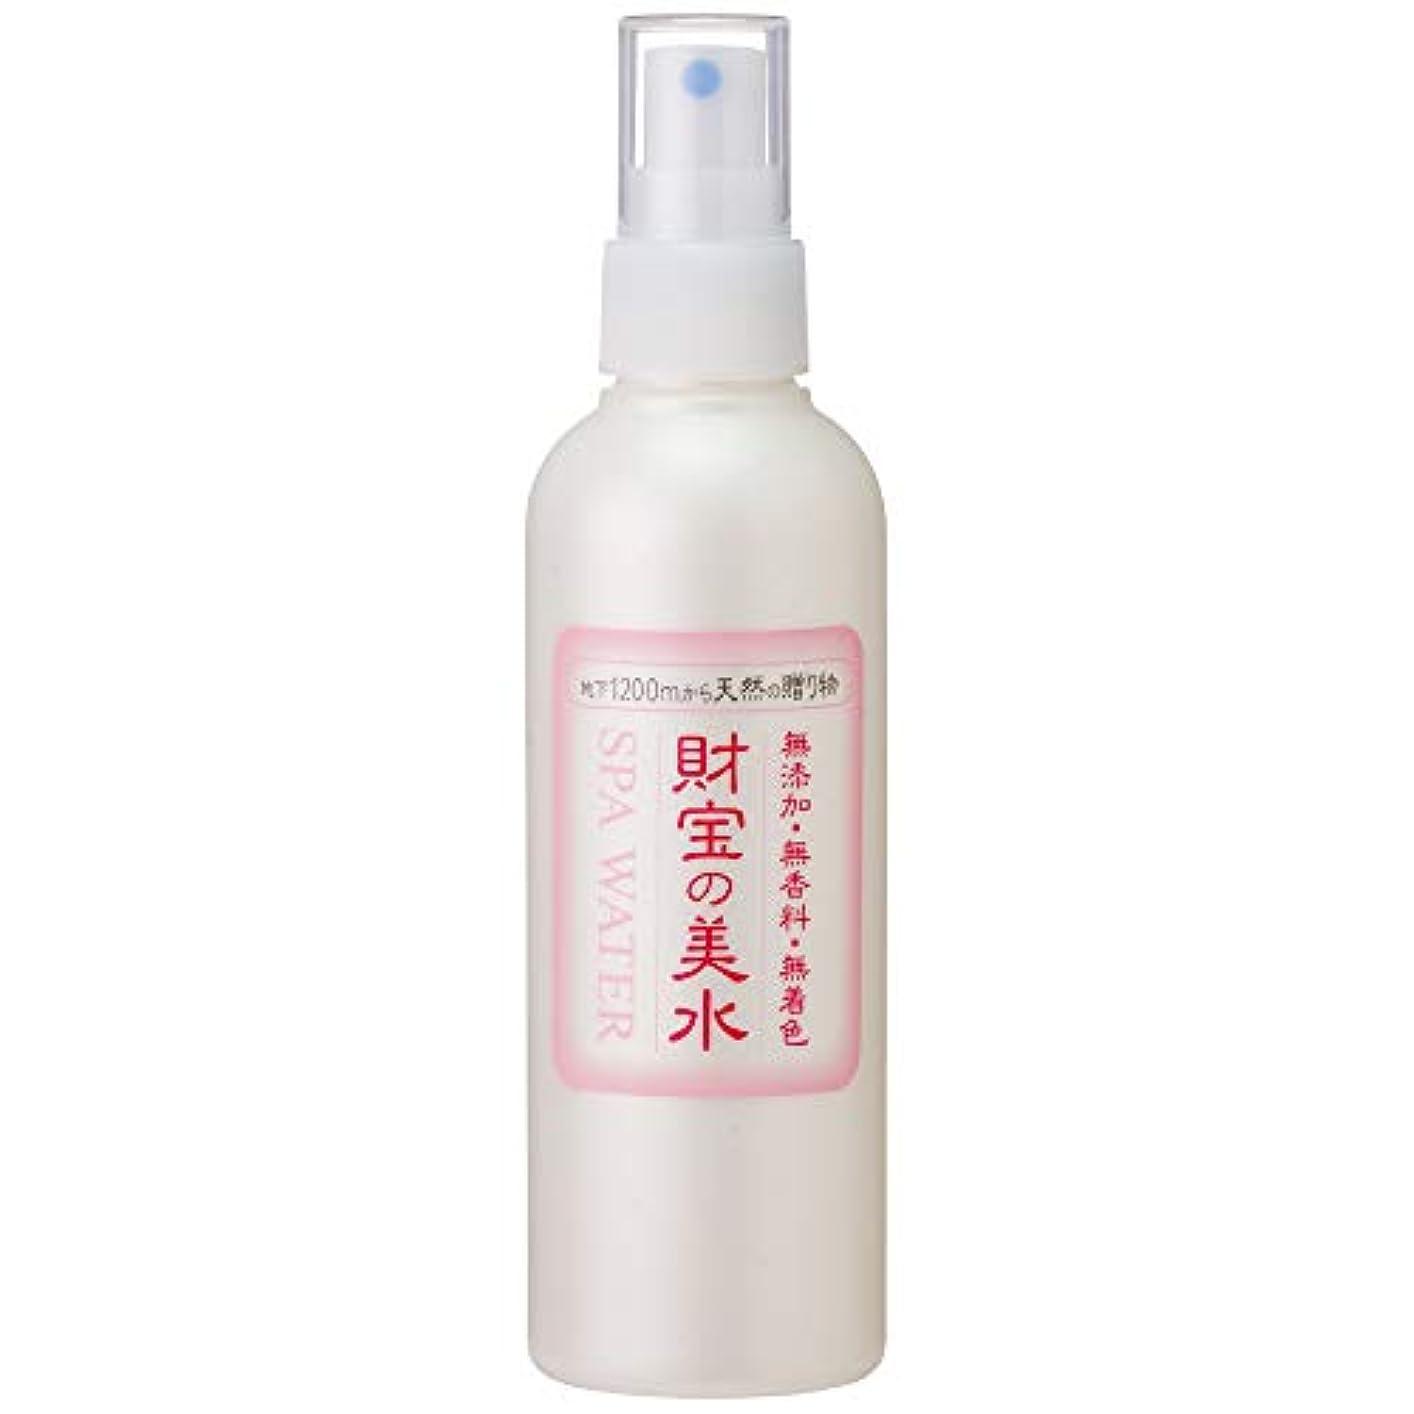 財宝 温泉 美水 ミスト 化粧水 200ml